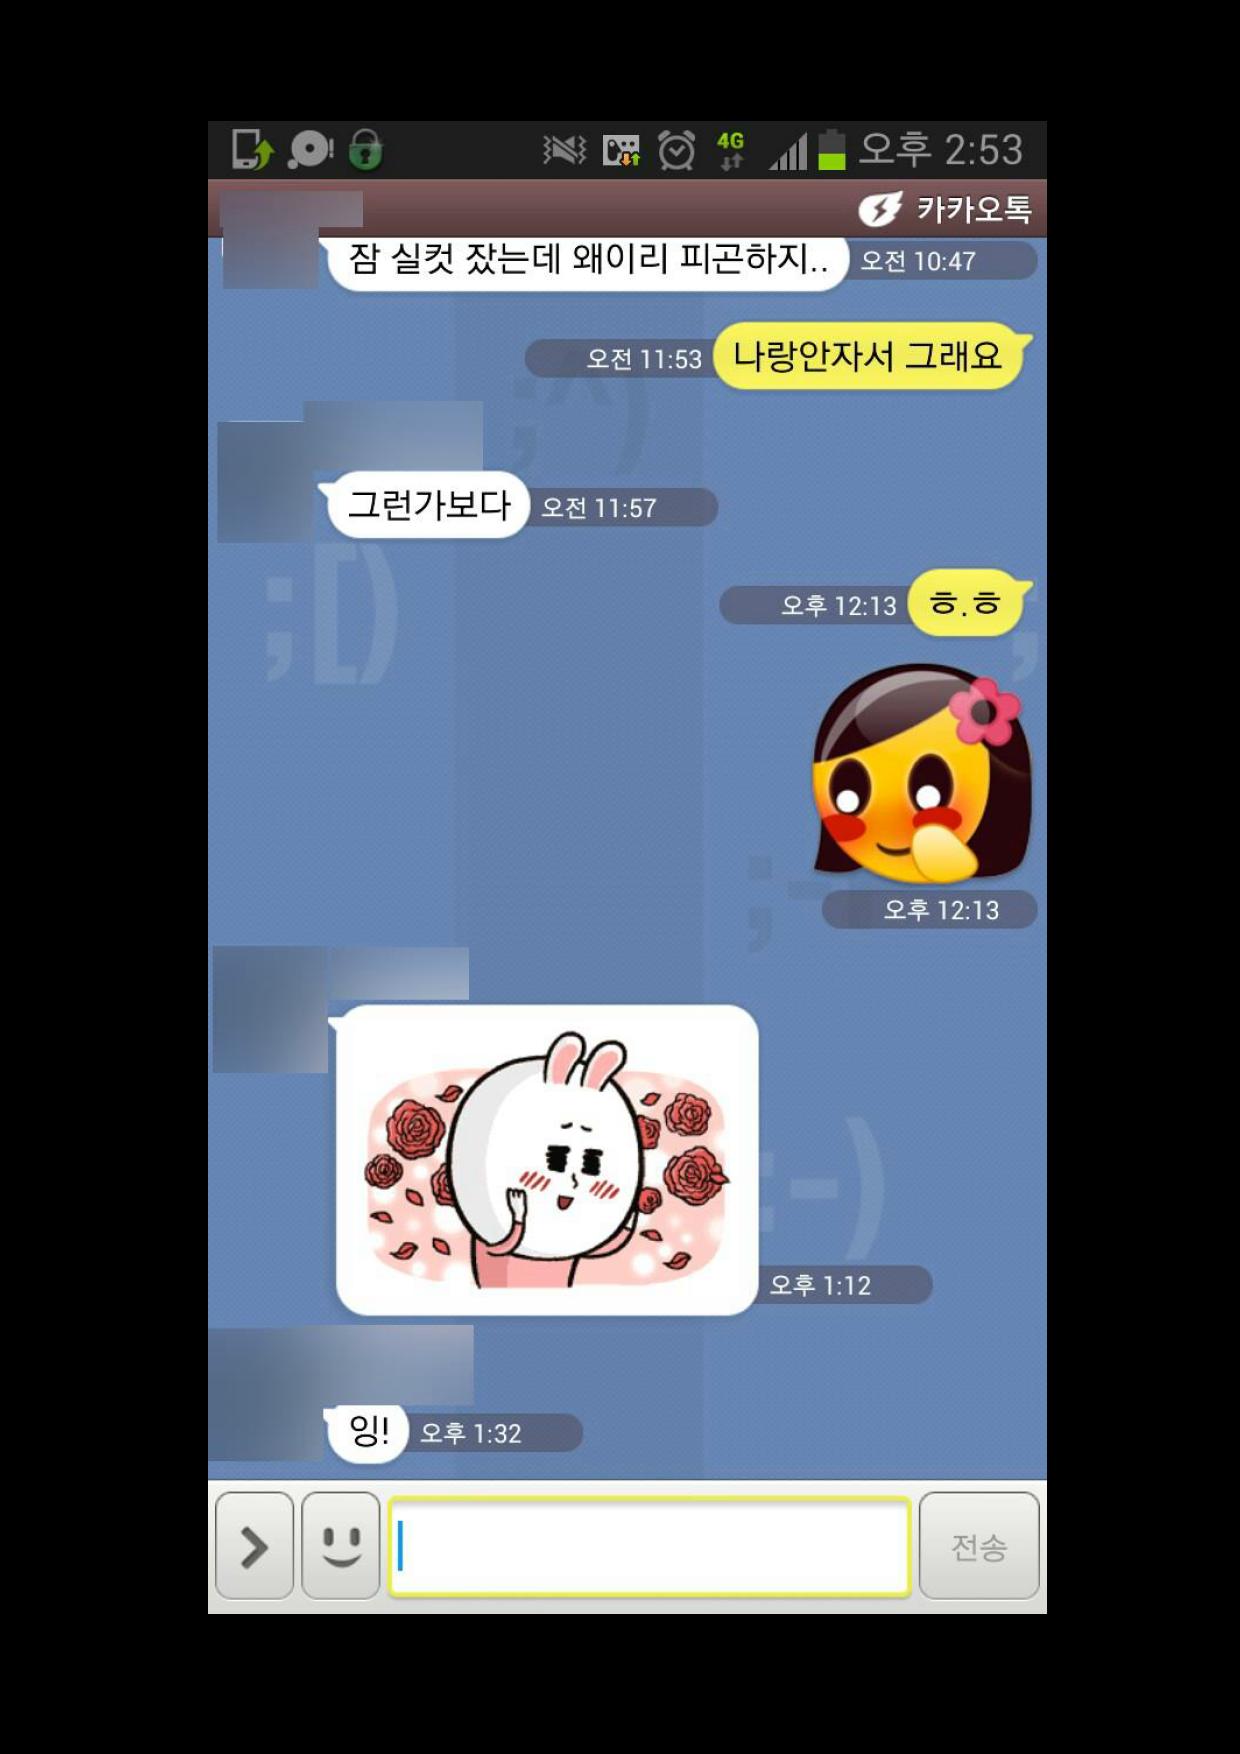 본 머티리어 1회차 홍보글(폰트 포함)_21.png